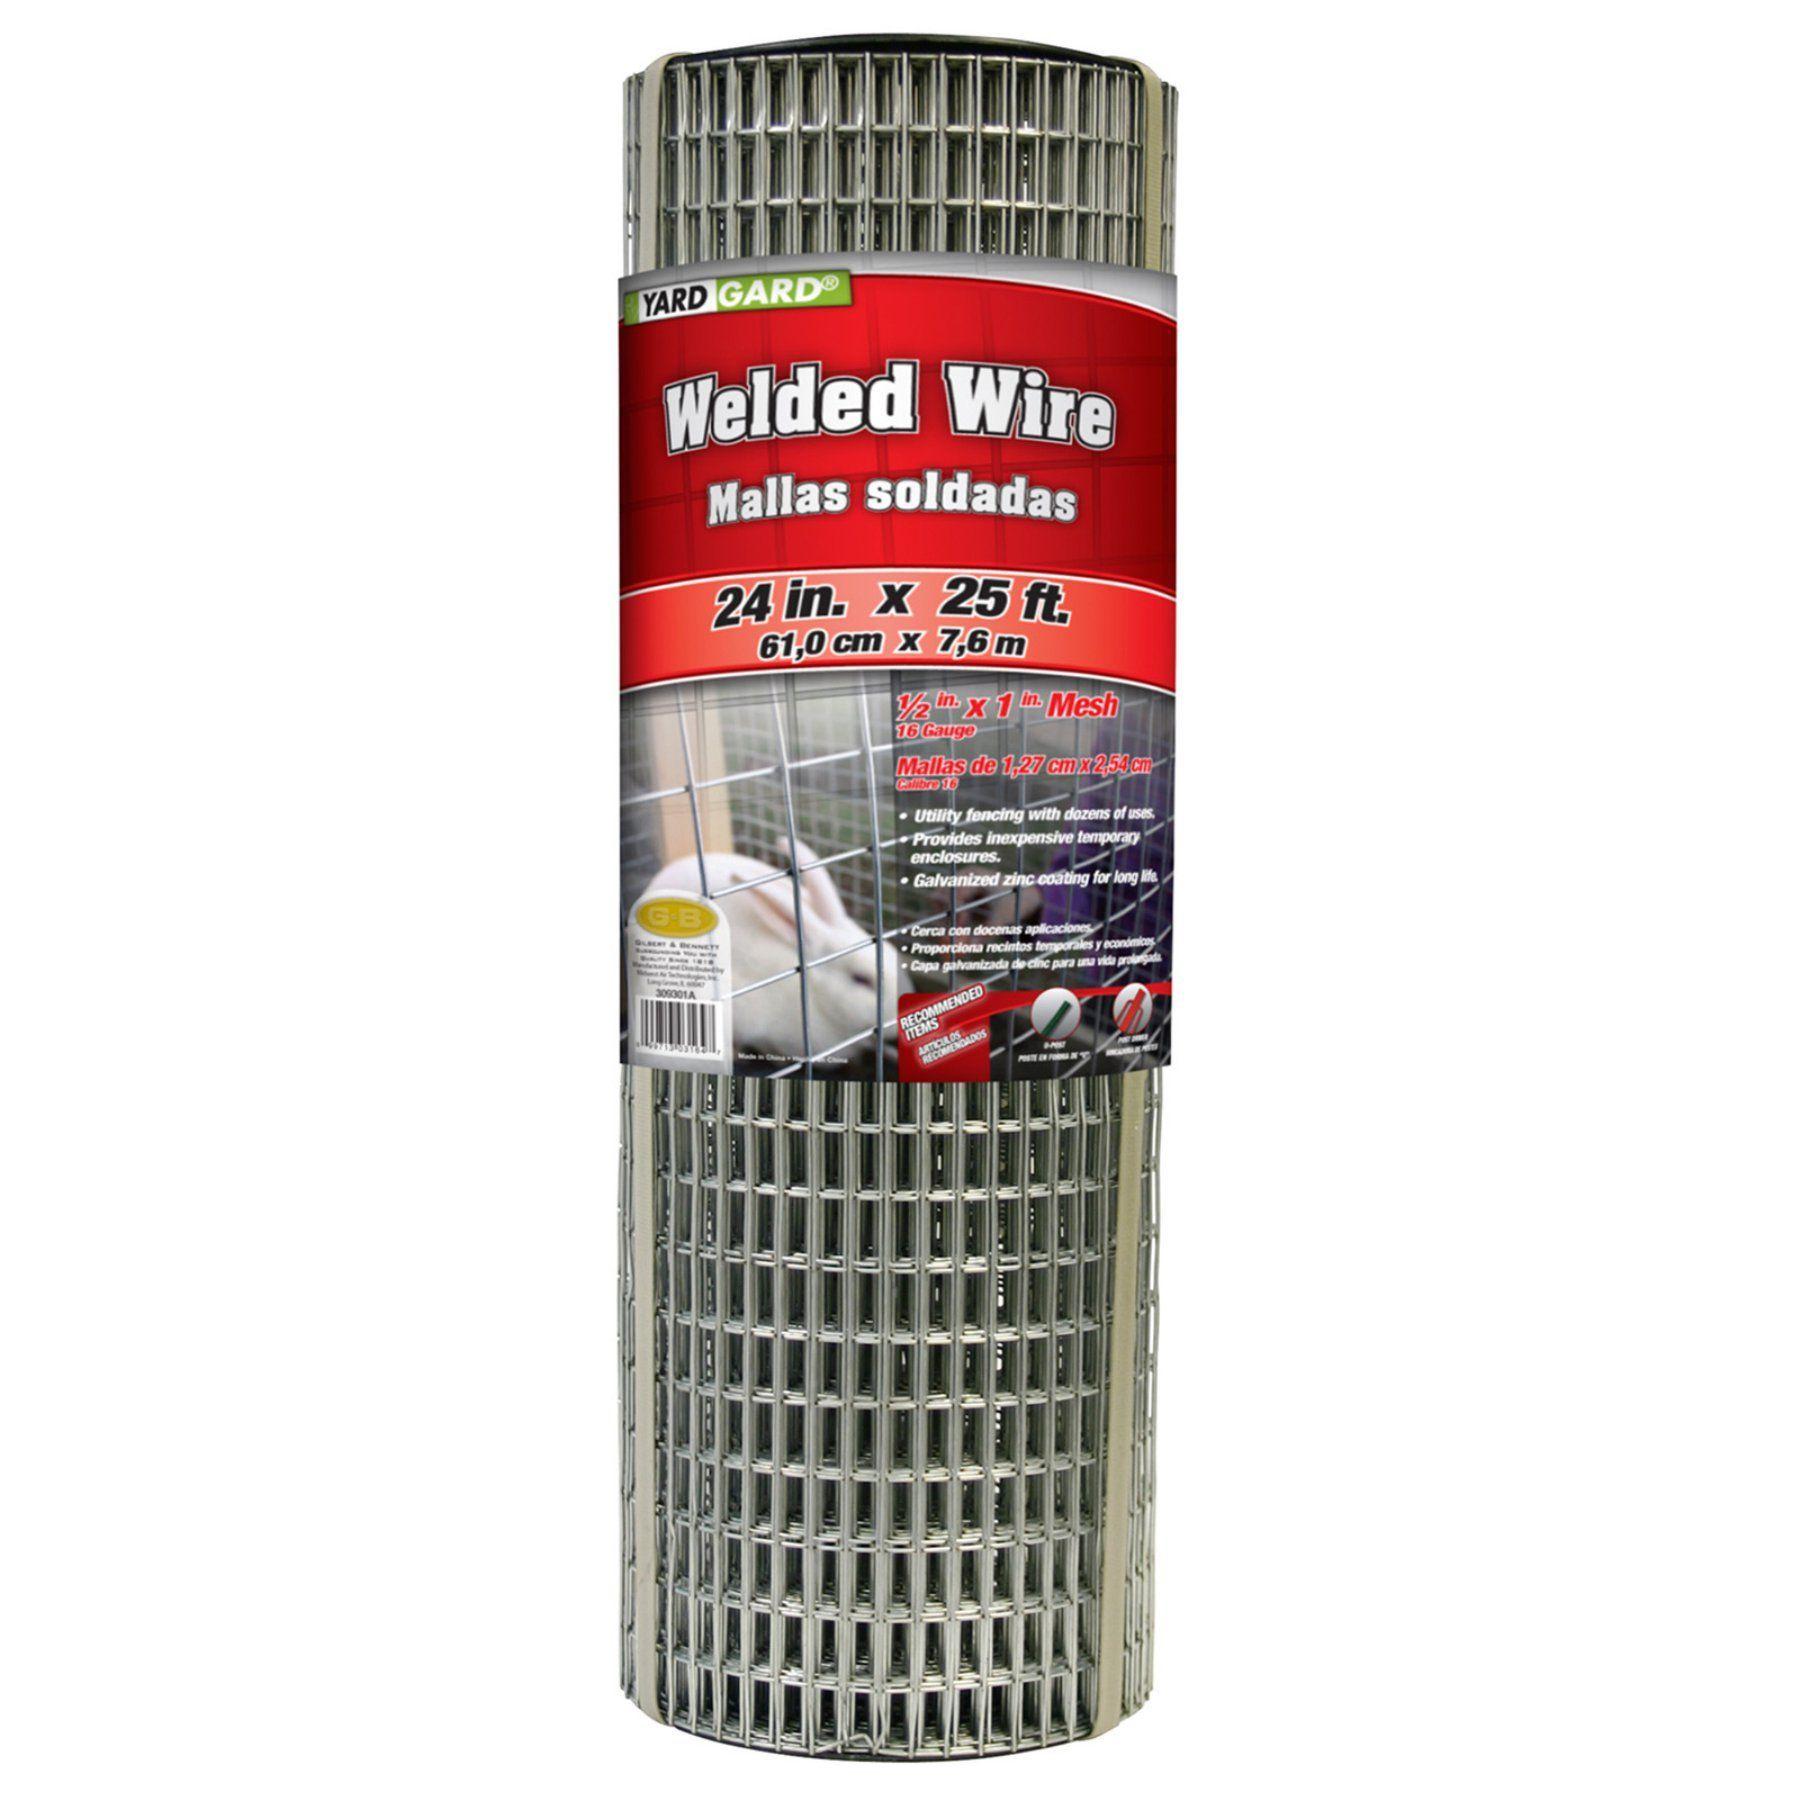 Yard Gard Mesh Galvanized Welded Wire 309301a Basket Lighting Wire Baskets Mesh Fencing